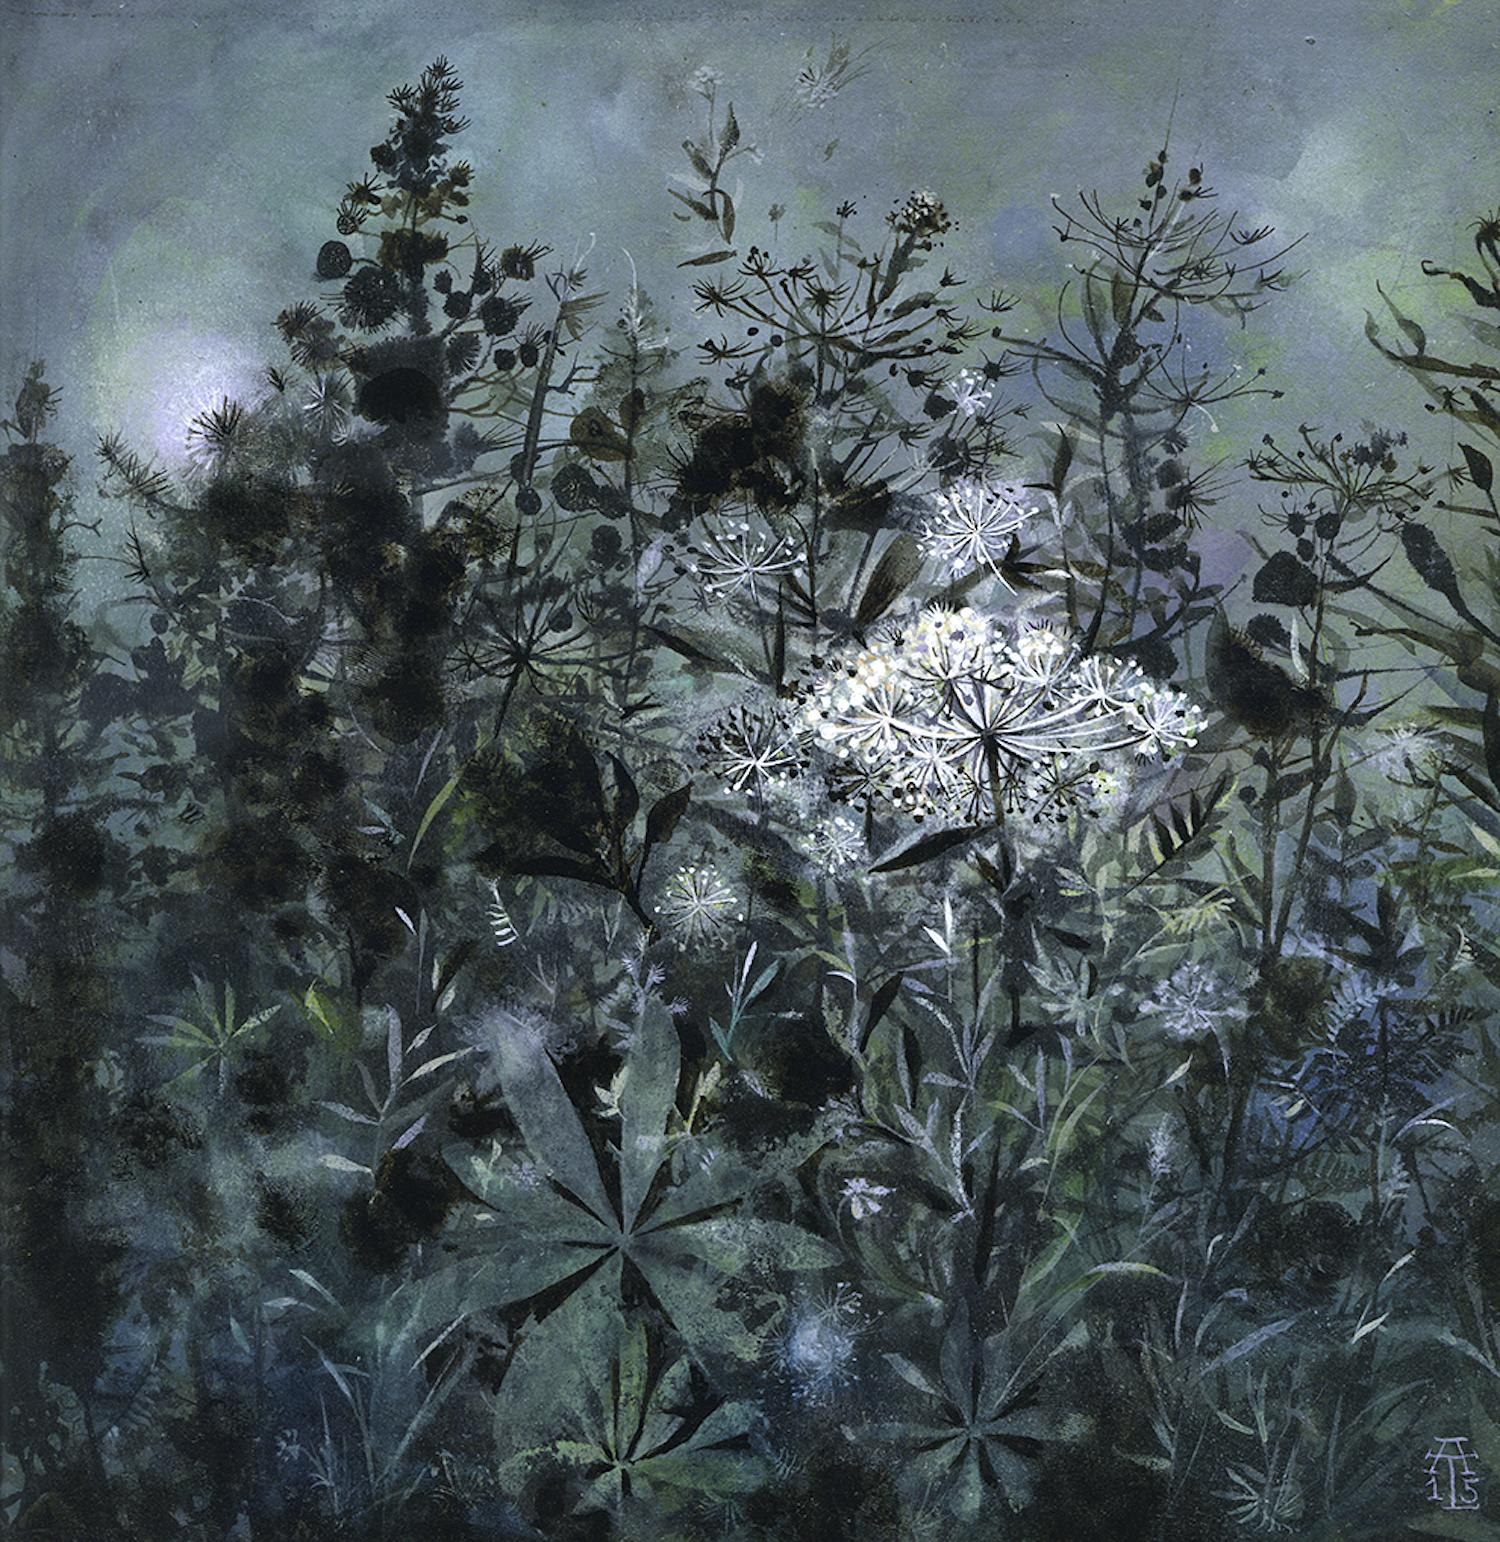 Field Studies: Moonlit Meadow